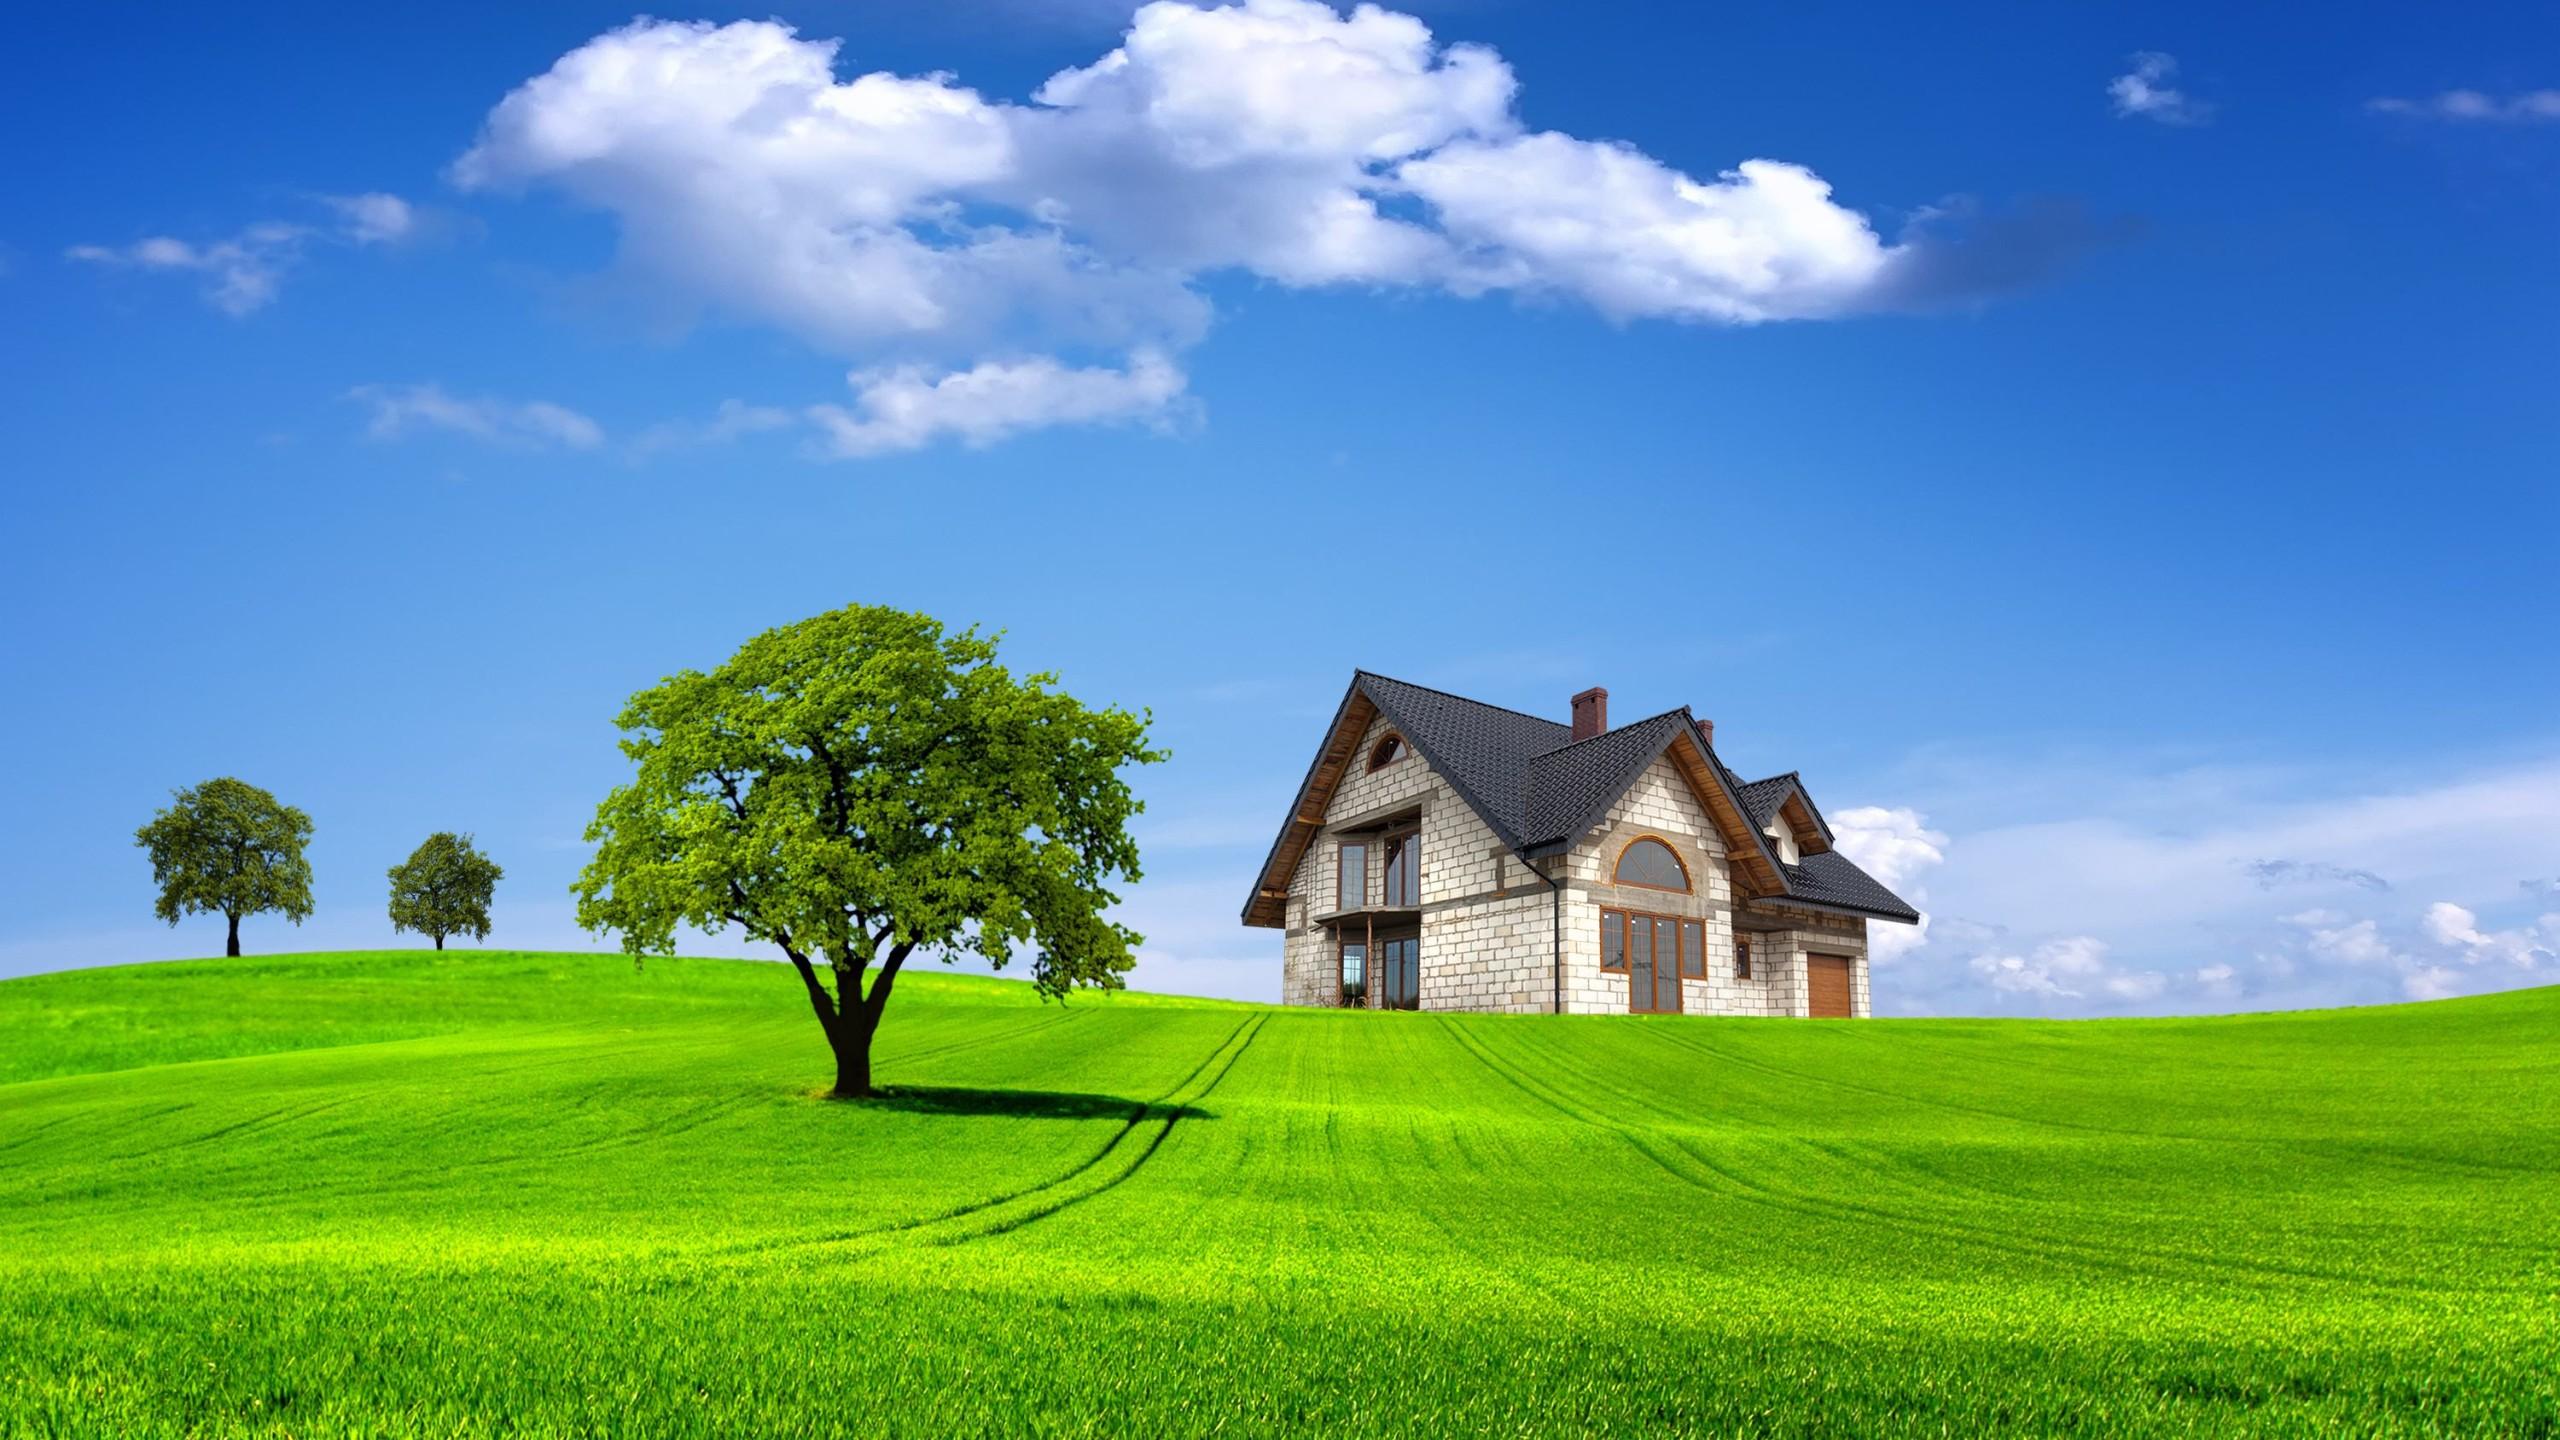 3d Nature Grass House Desktop Wallpaper